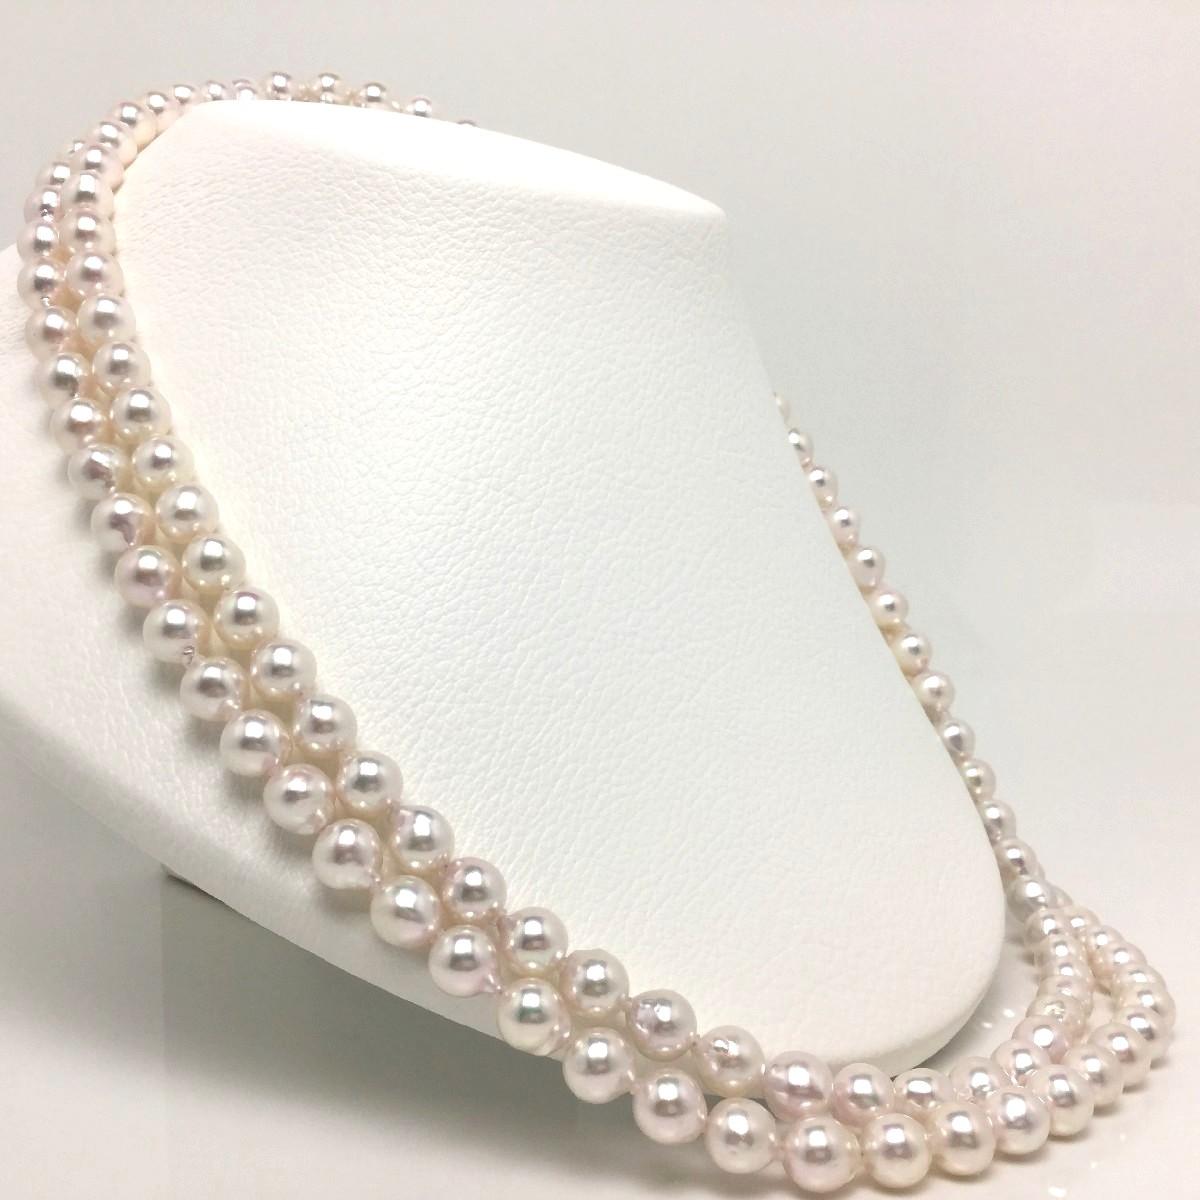 真珠 ネックレス パール アコヤ真珠 ロング 8.0-8.5mm ホワイトピンク シルバー クラスップ 66198 イソワパール